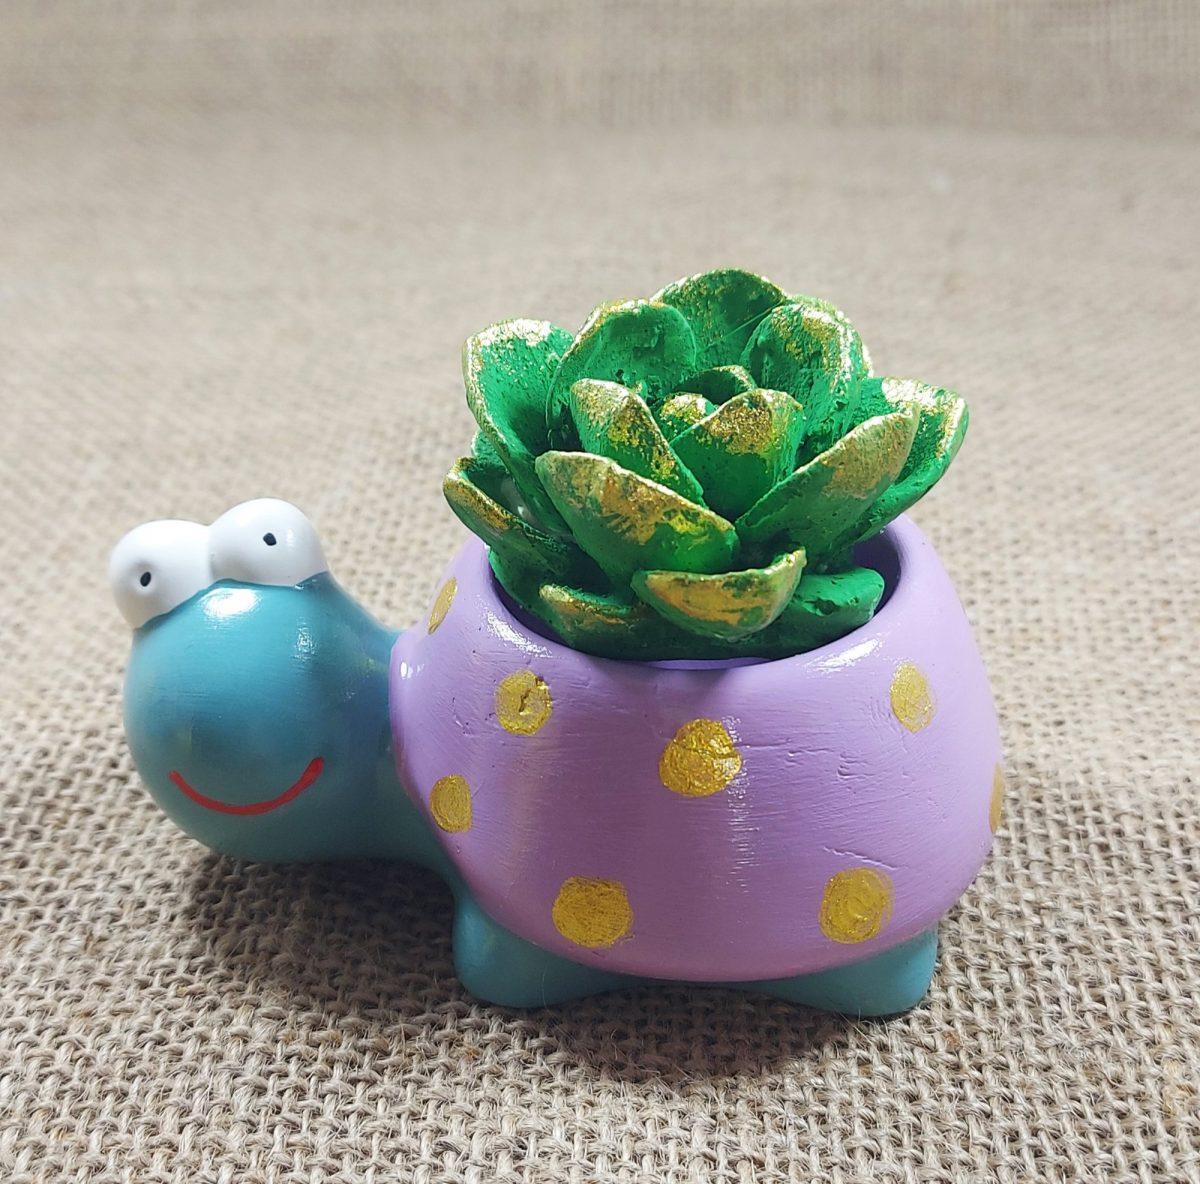 Kaplumbağa Yumurtalık Kokulu Taş   Hüner Hediyelik